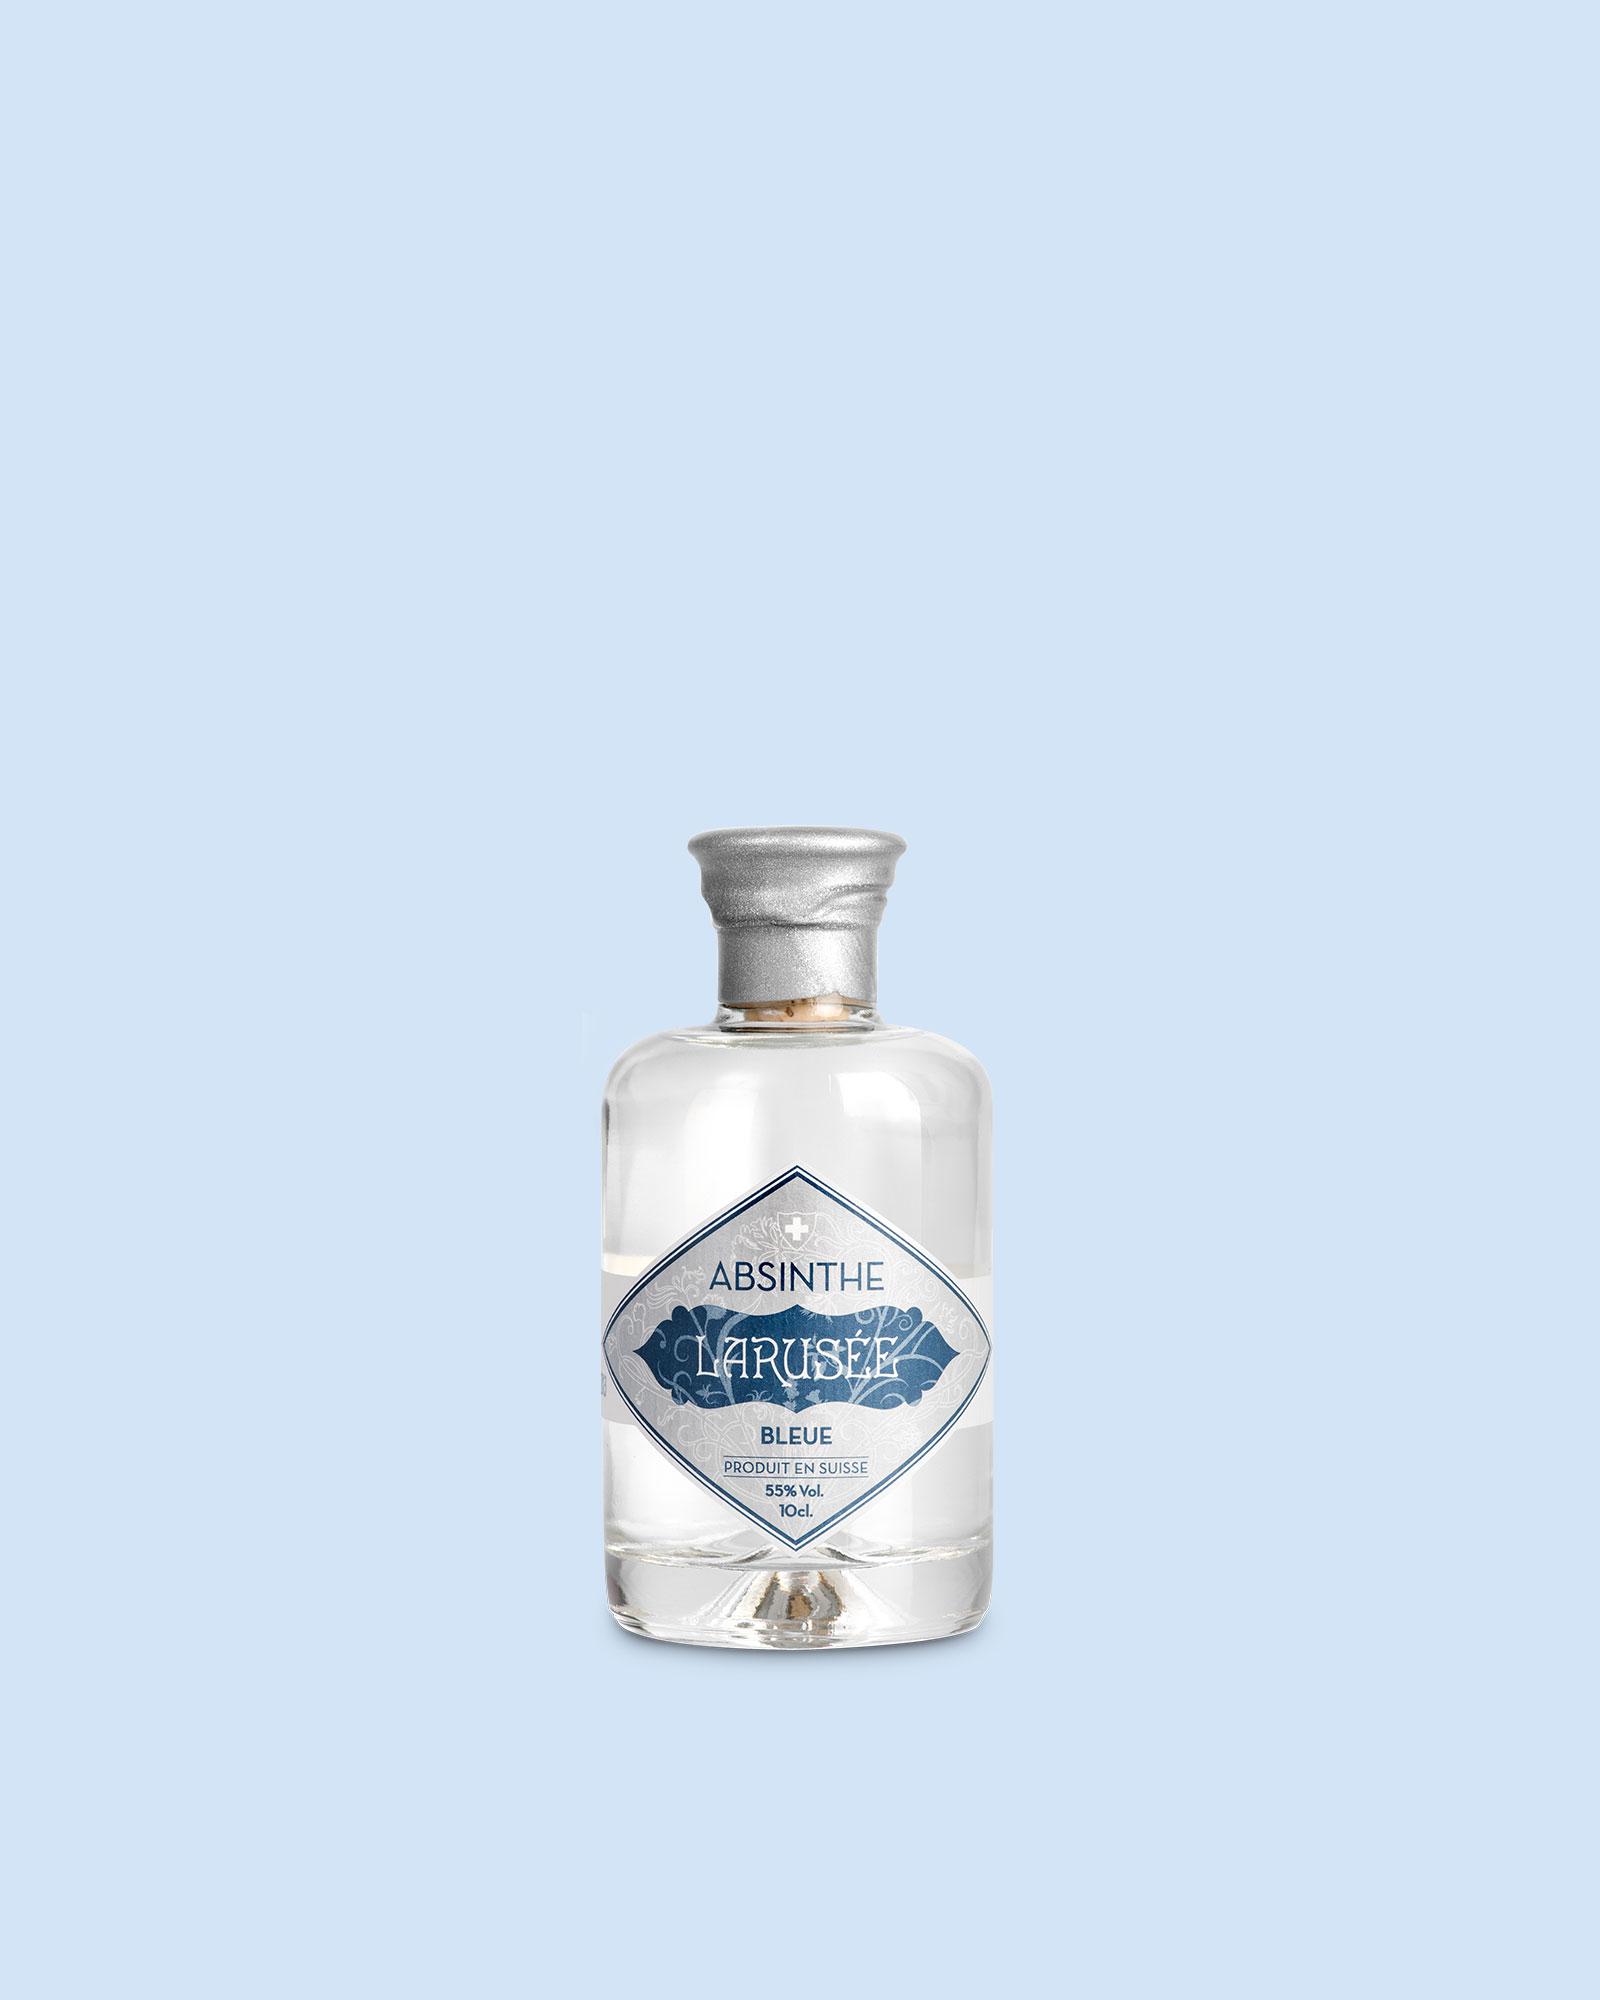 Bleue de voyage Absinthe Larusée